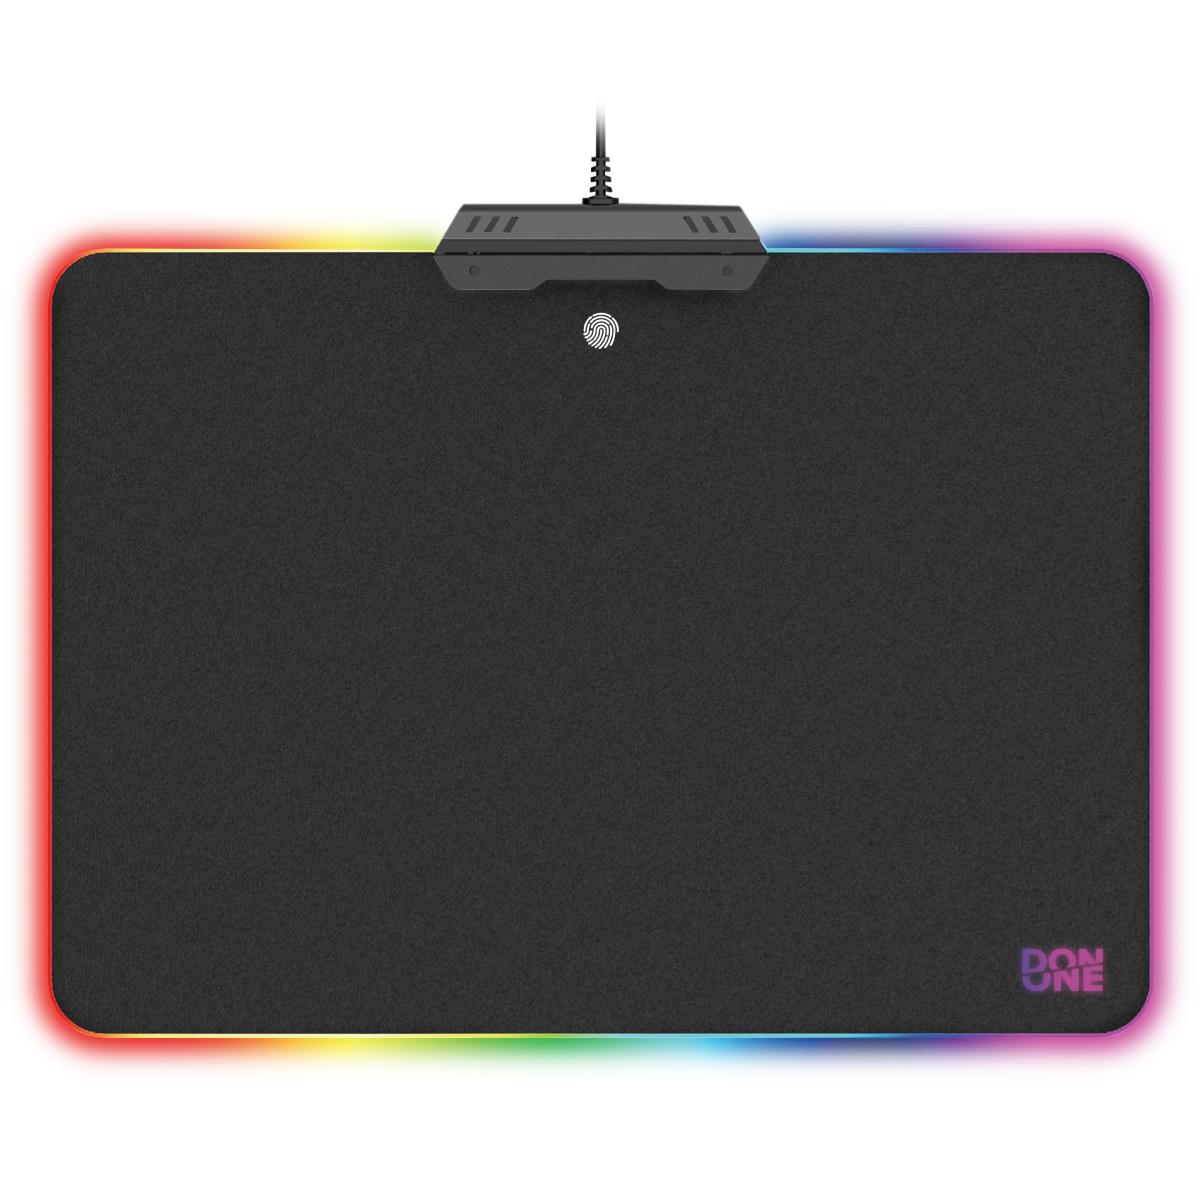 Billede af DON ONE - AMATO Musemåtte LED -Hard surface Gaming Musemåtte